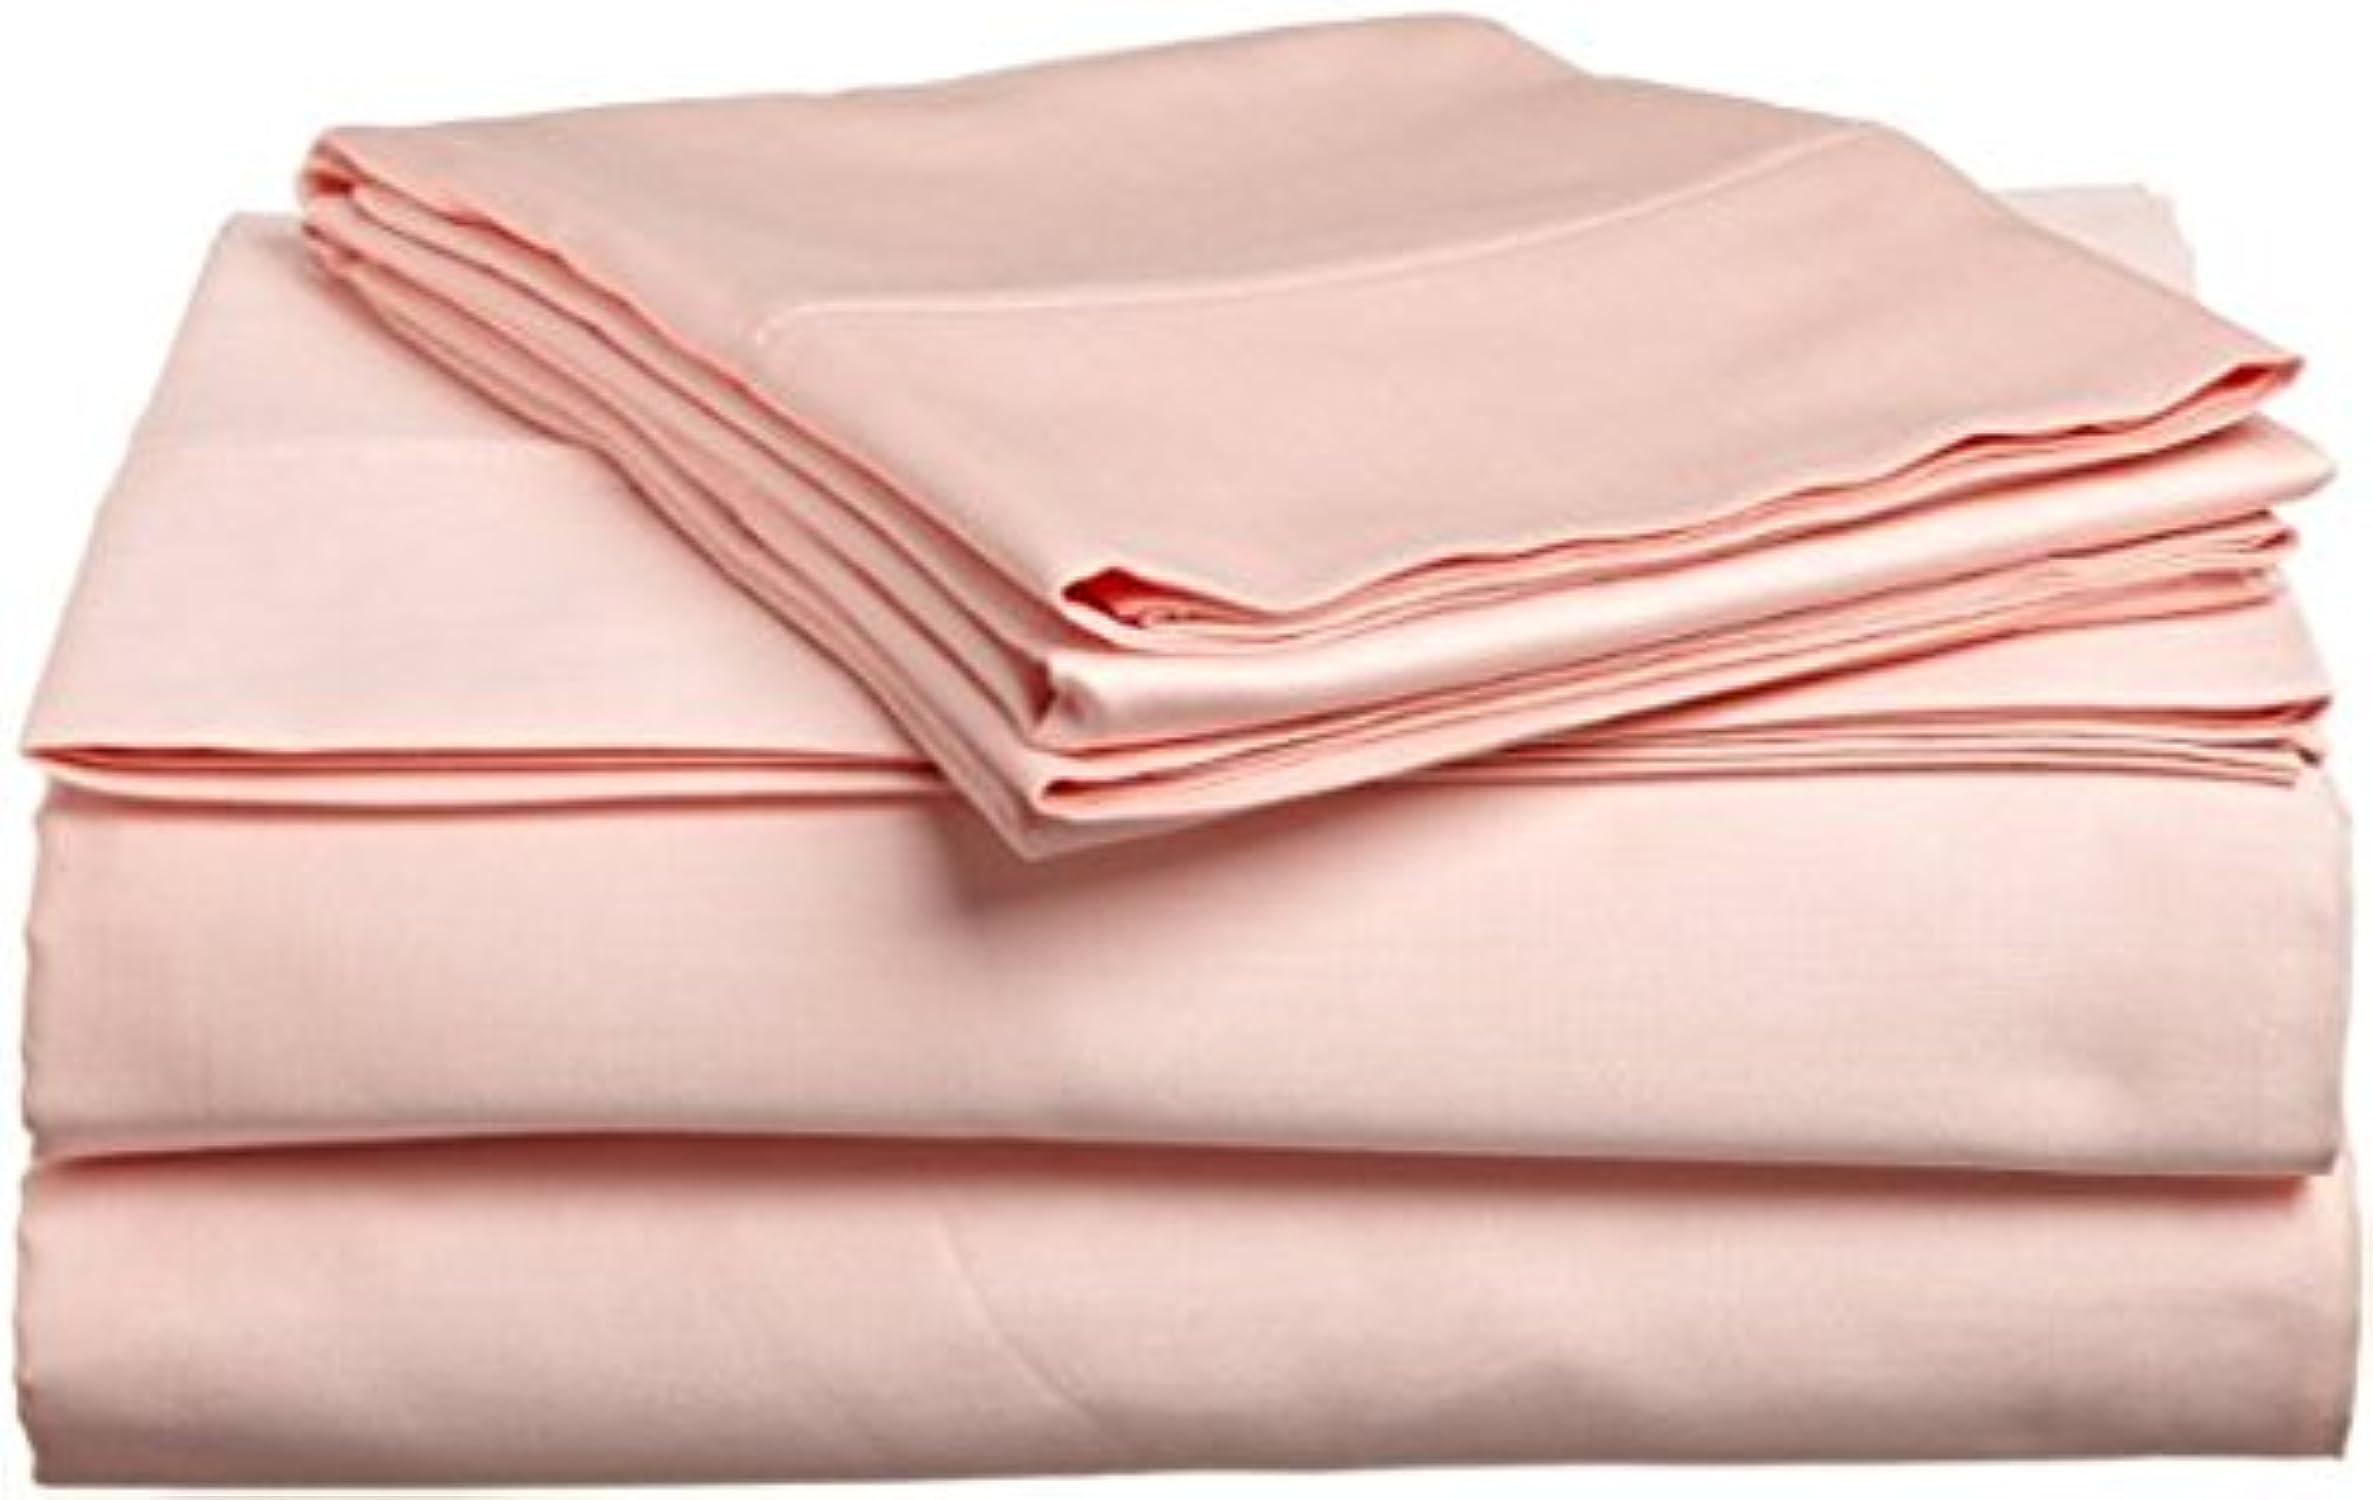 Laxlinens 300fils en coton égypcravaten 4pièces pour lit (+ 61cm) très profond Double poche Royaume-Uni, pêche massif